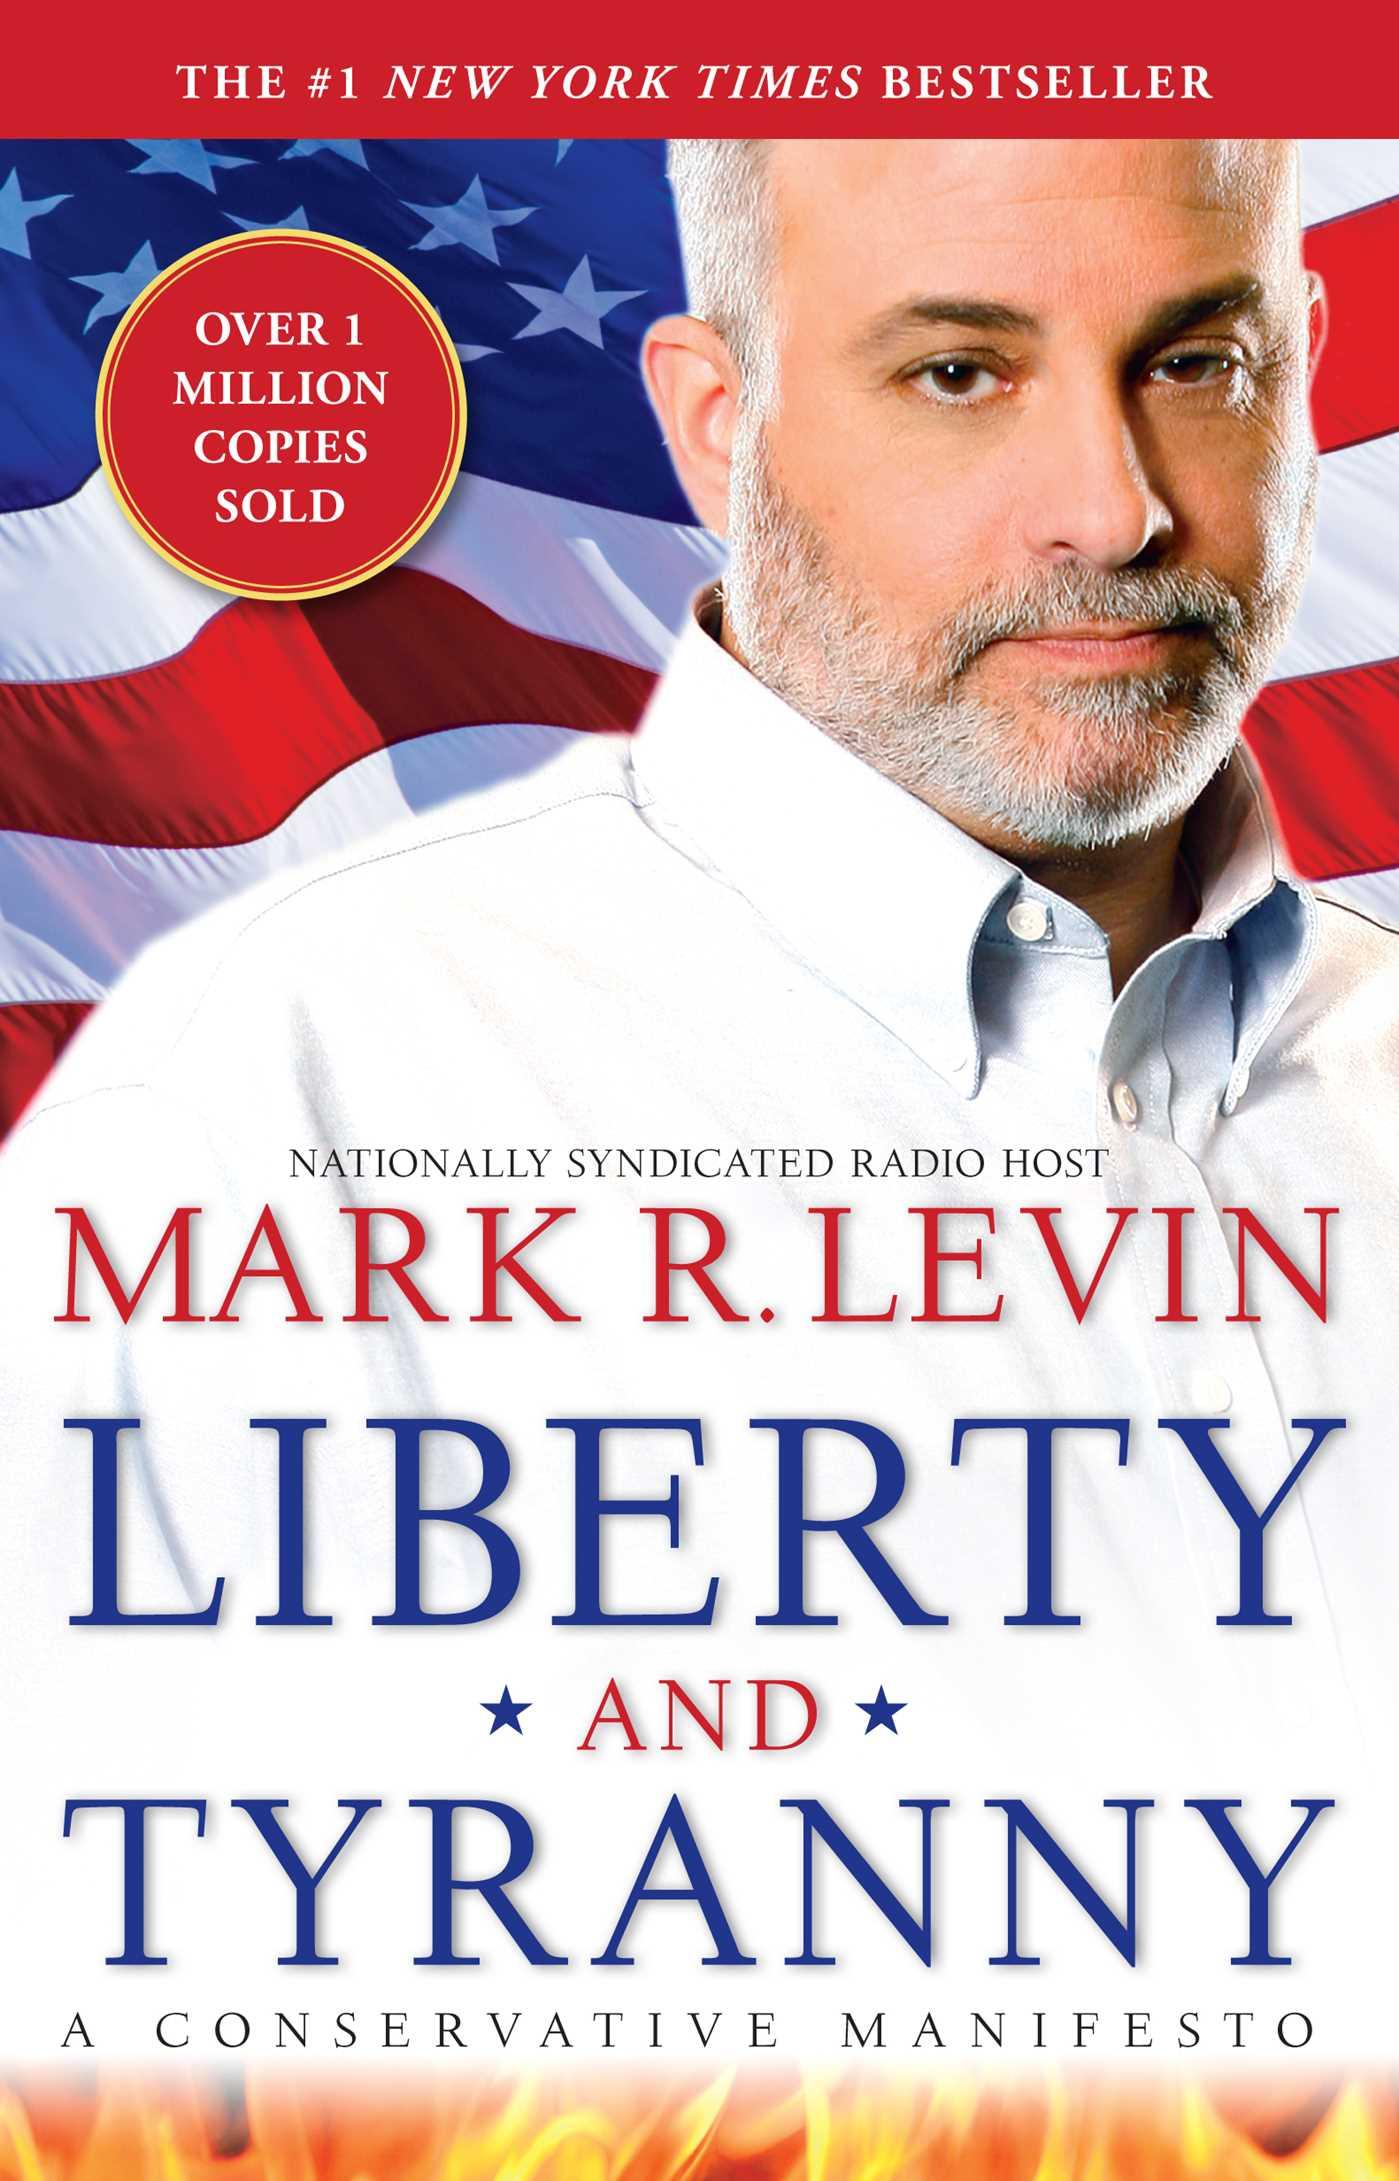 Liberty and tyranny 9781439164747 hr